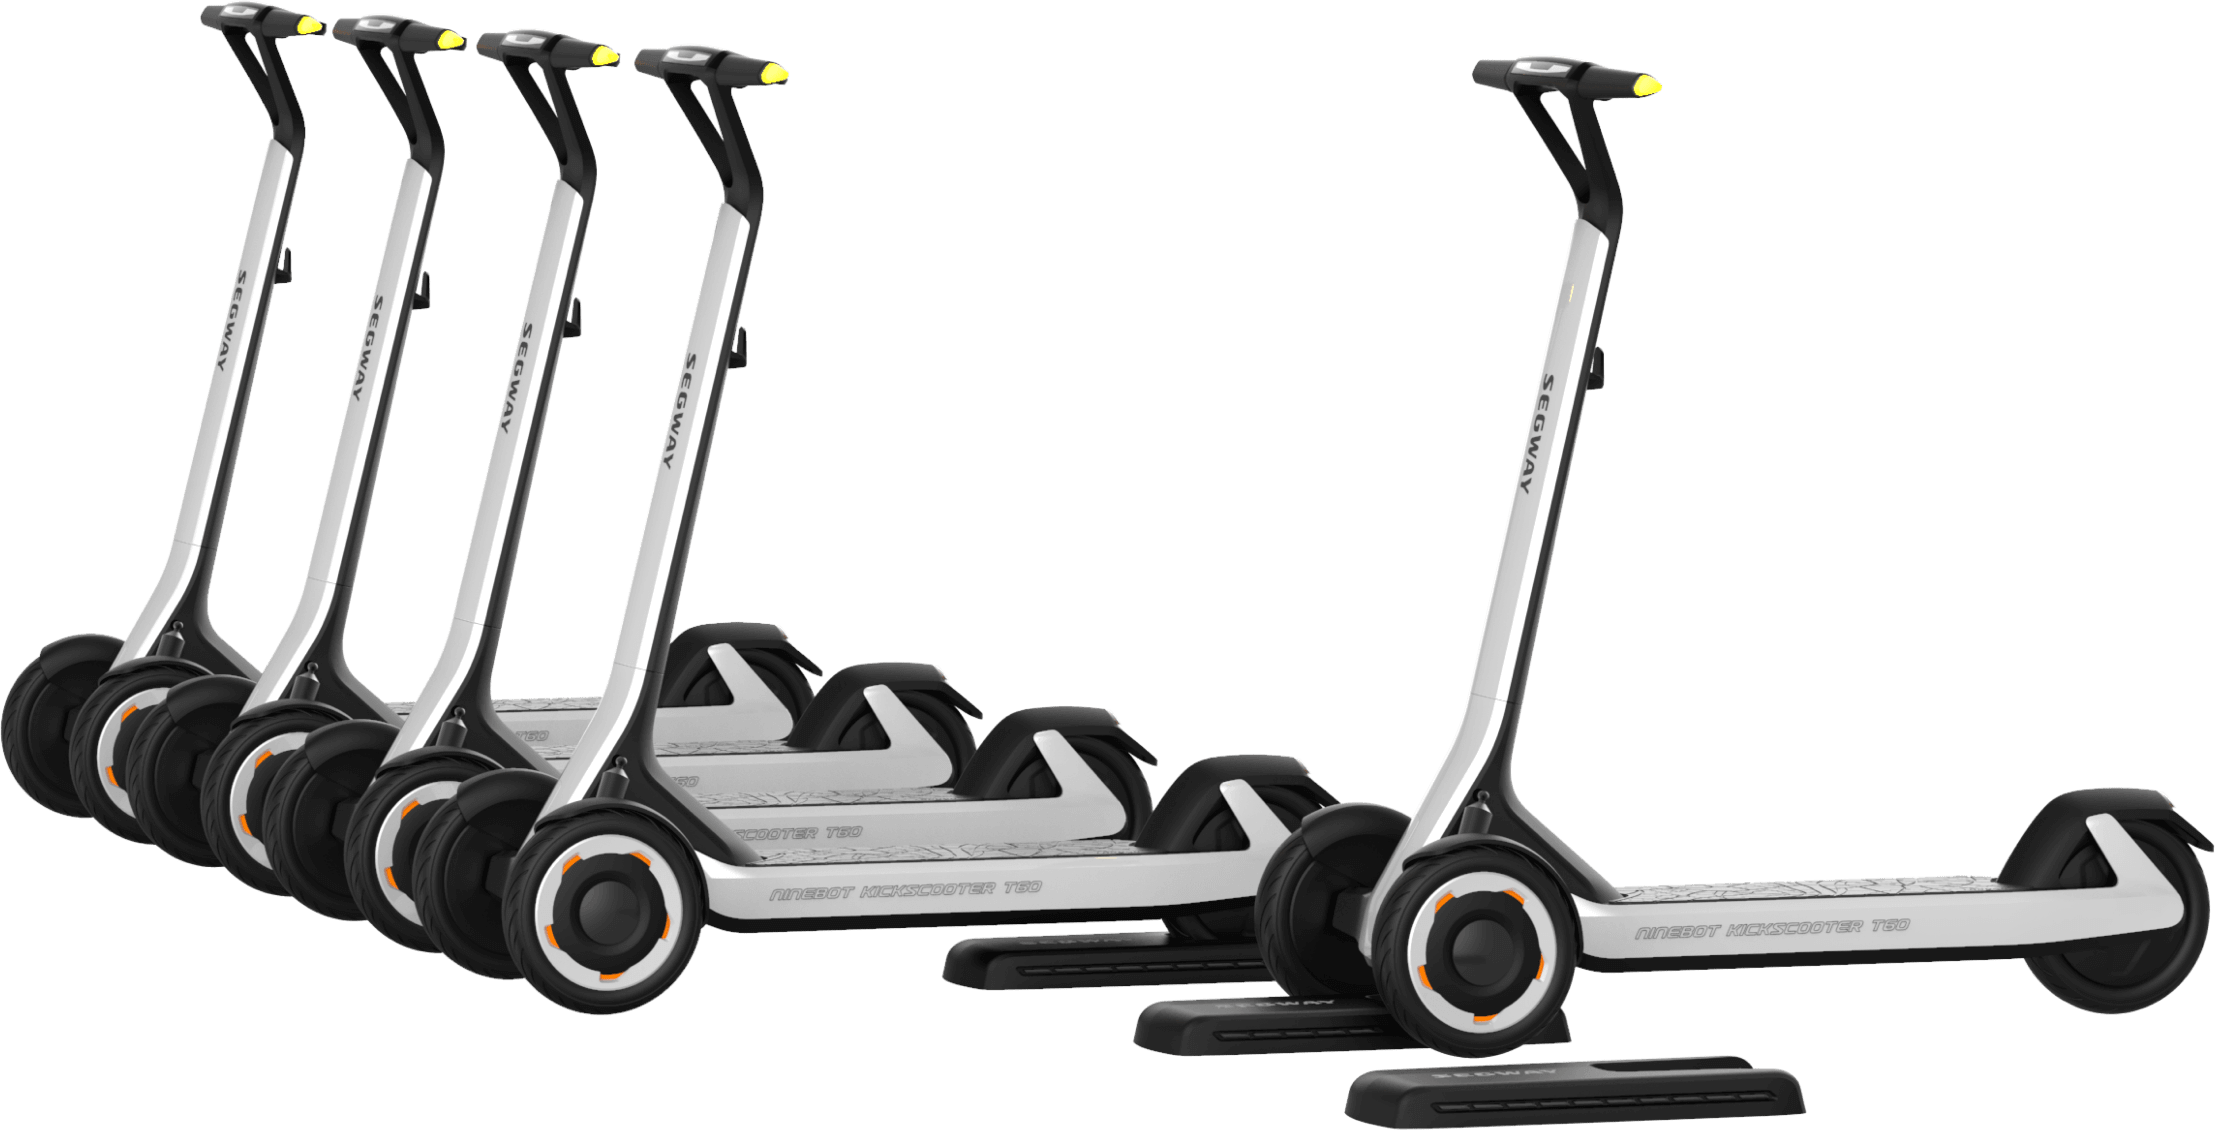 Подробности об устройстве и функциях электросамоката KickScooter T60 - 1